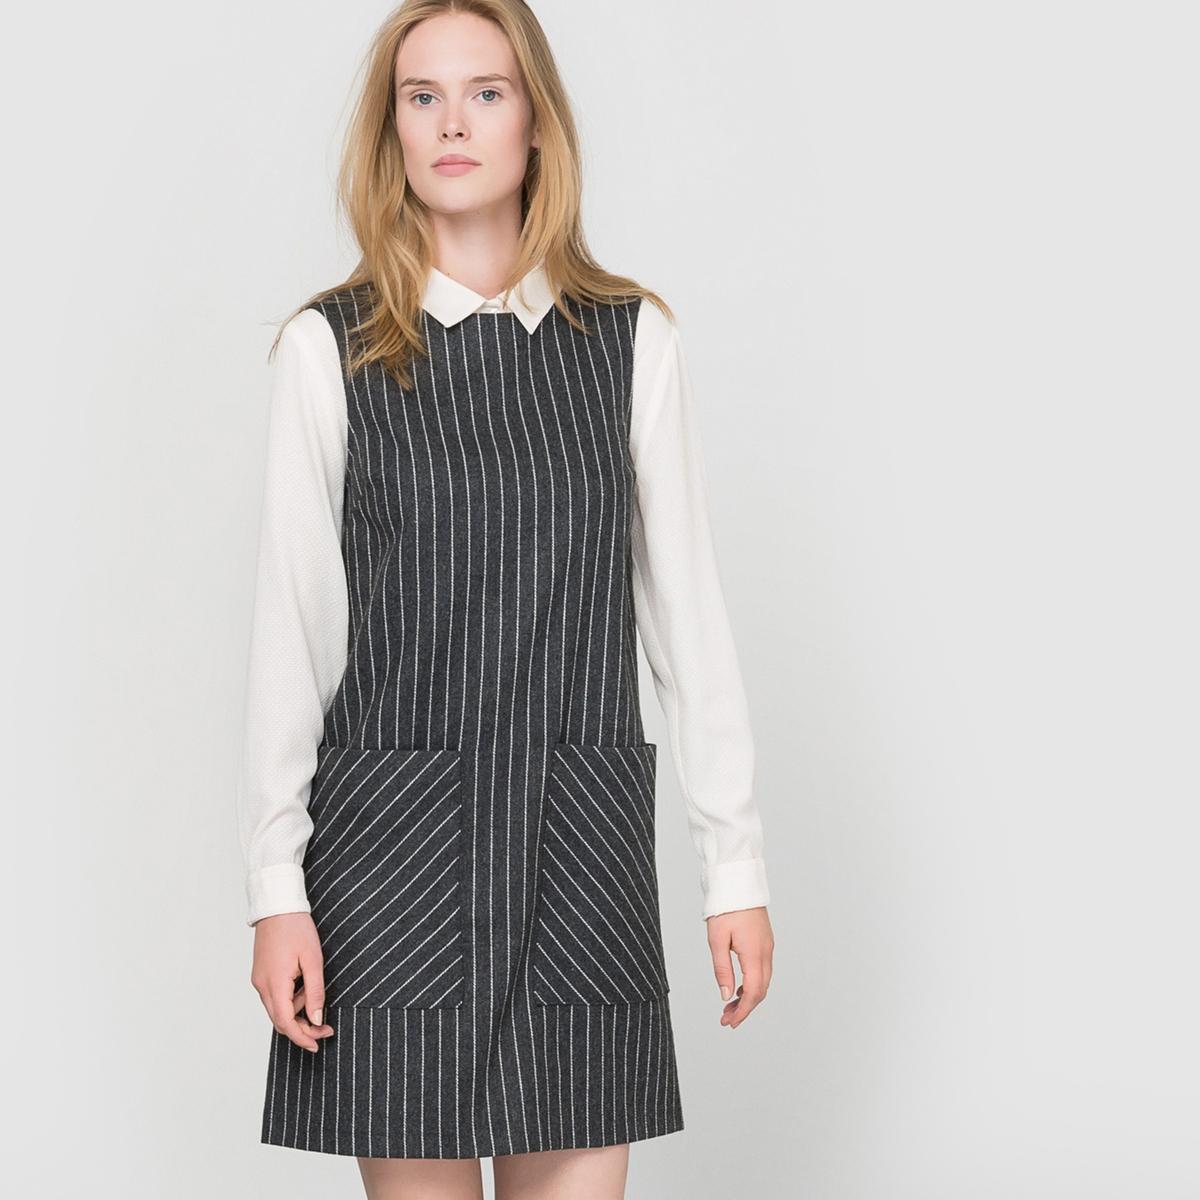 Платье без рукавов, сделано во ФранцииПлатье без рукавов, сделано во Франции. Гарантия высокого качества !Фланель в полоску. Круглый вырез. 2 накладных кармана спереди. Молния сзади.Состав и описание :   Материал :  40% полиэстера, 30% шерсти, 25% акрила, 5% других волоконДлина : 90 смСпецифическая особенность : Сделано во ФранцииМарка : R EssentielУход :Машинная стирка при 30 °C с вещами схожих цветовМашинная сушка в умеренном режимеГладить при низкой температуре.<br><br>Цвет: серый в полоску<br>Размер: 36 (FR) - 42 (RUS)